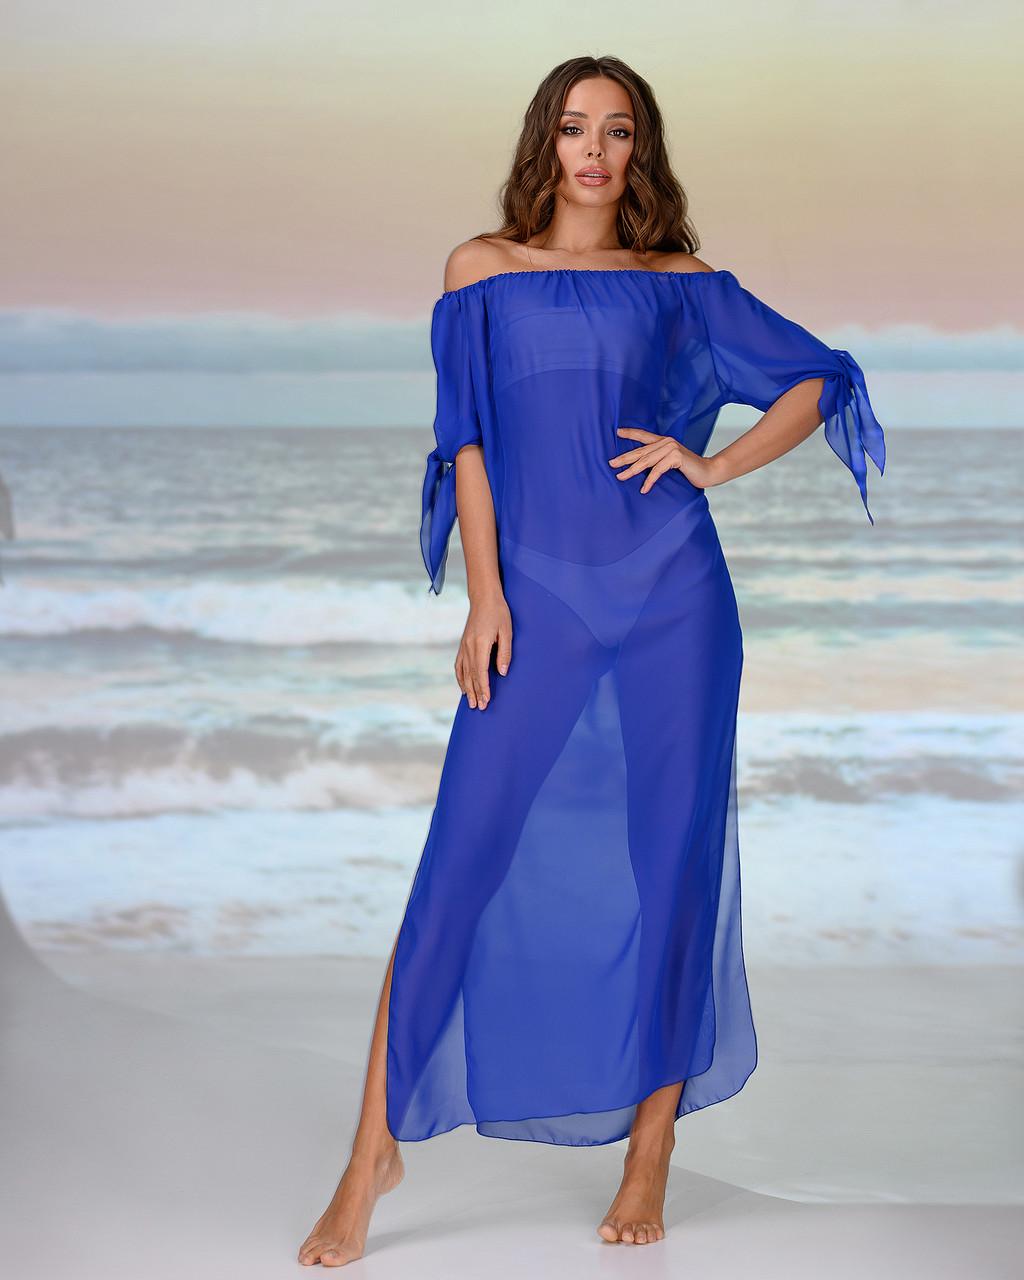 Длинная пляжная туника со спущенными плечами размер 46-48. цвет электрик